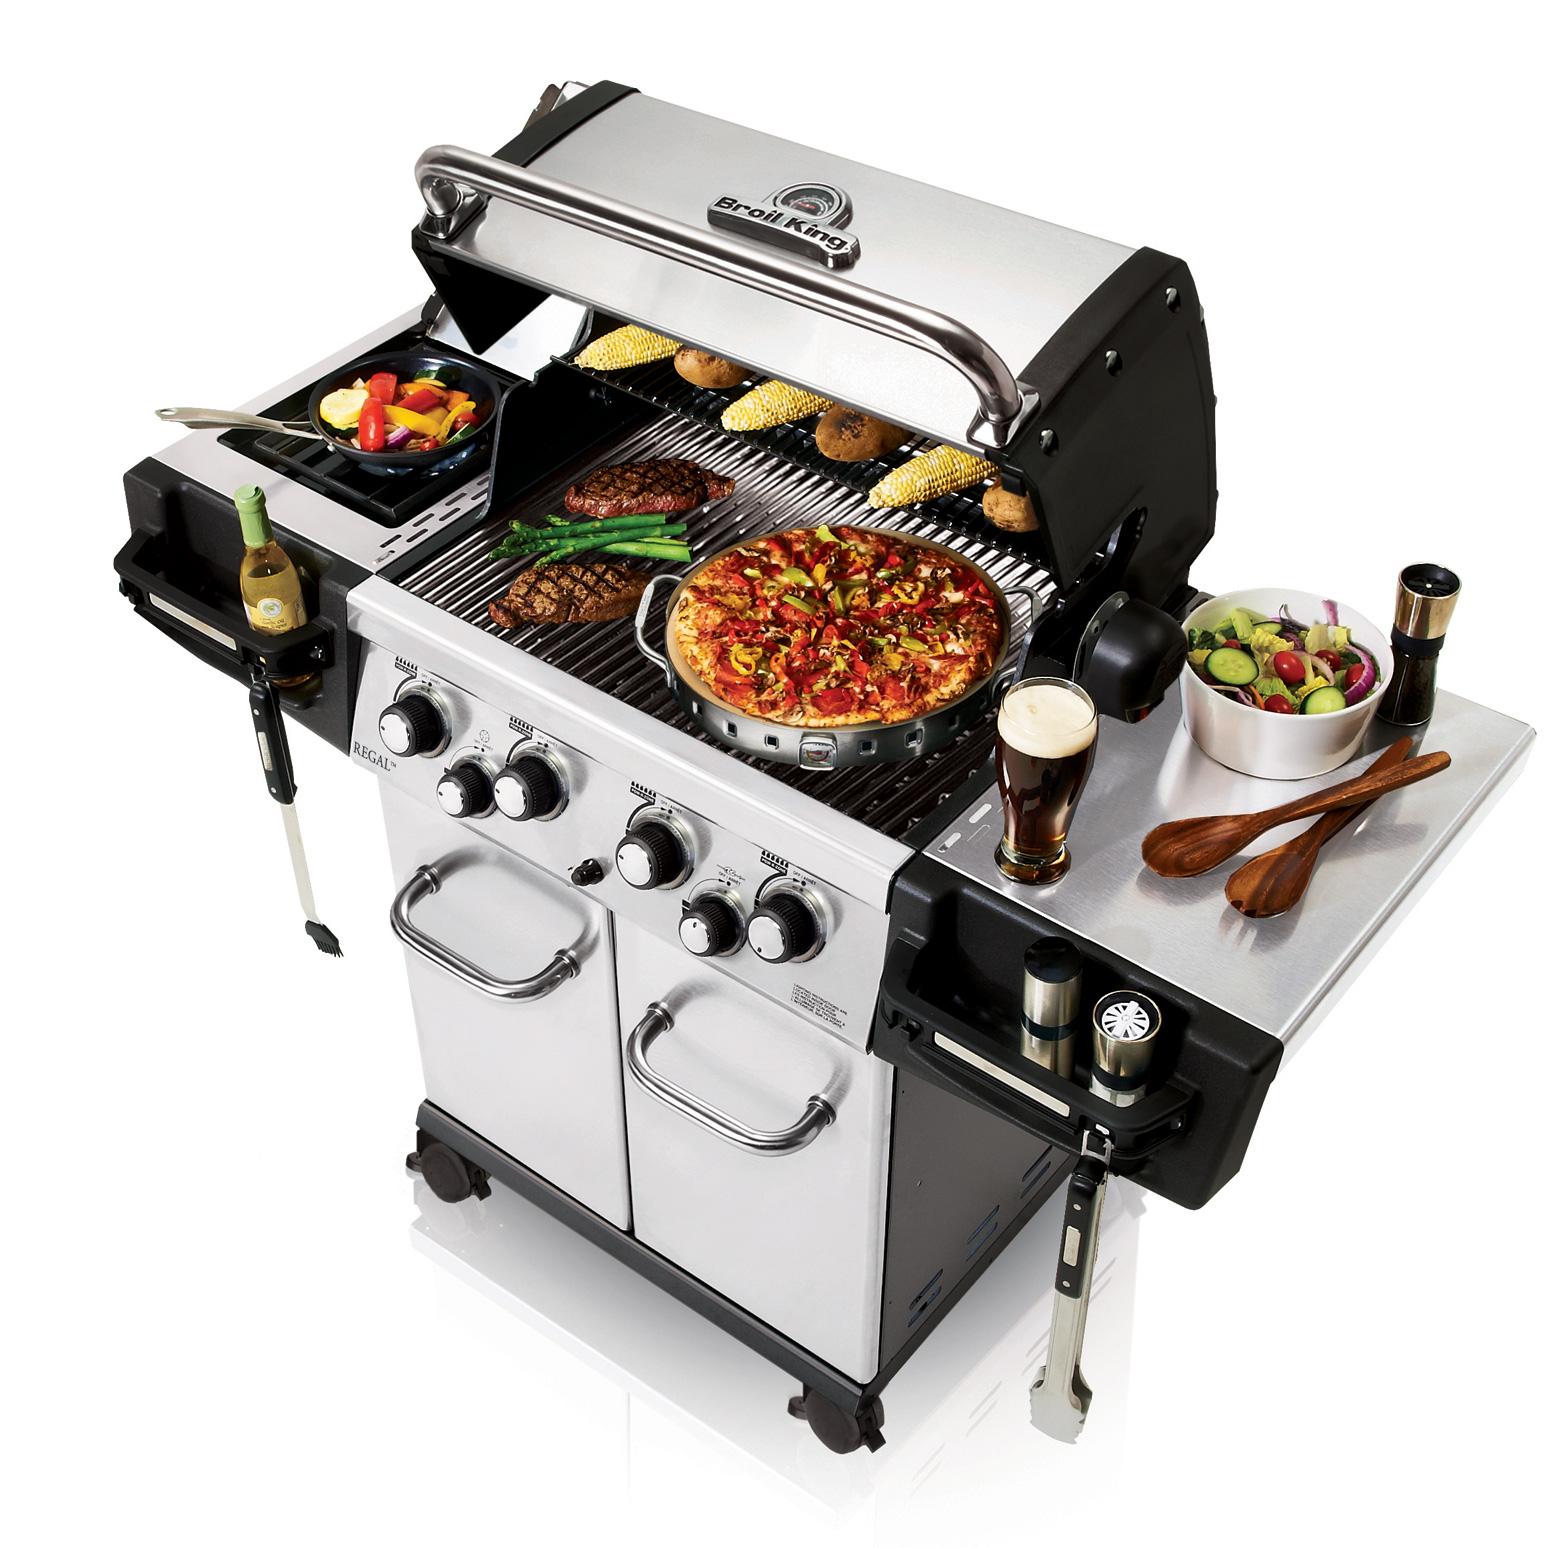 broil king regal grill. Black Bedroom Furniture Sets. Home Design Ideas